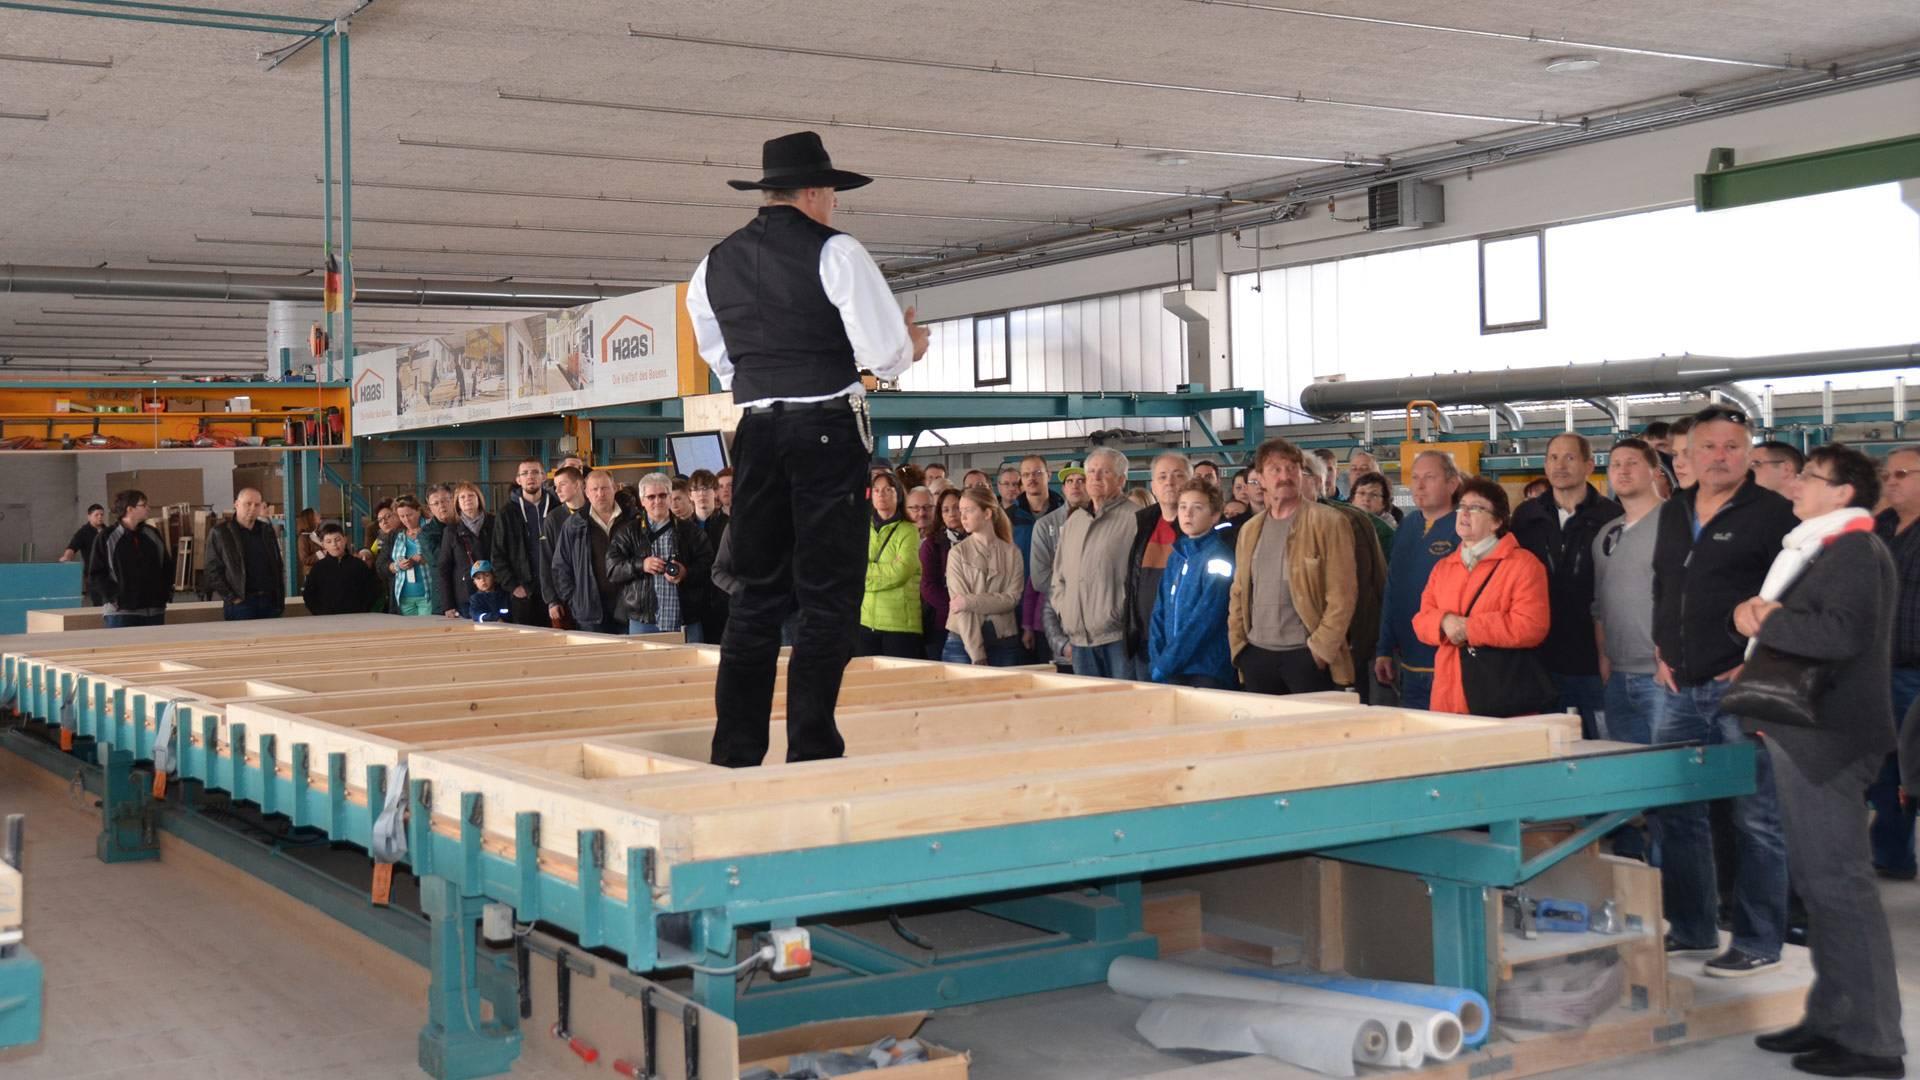 Vortrag in Werkhalle bei Haas Fertigbau